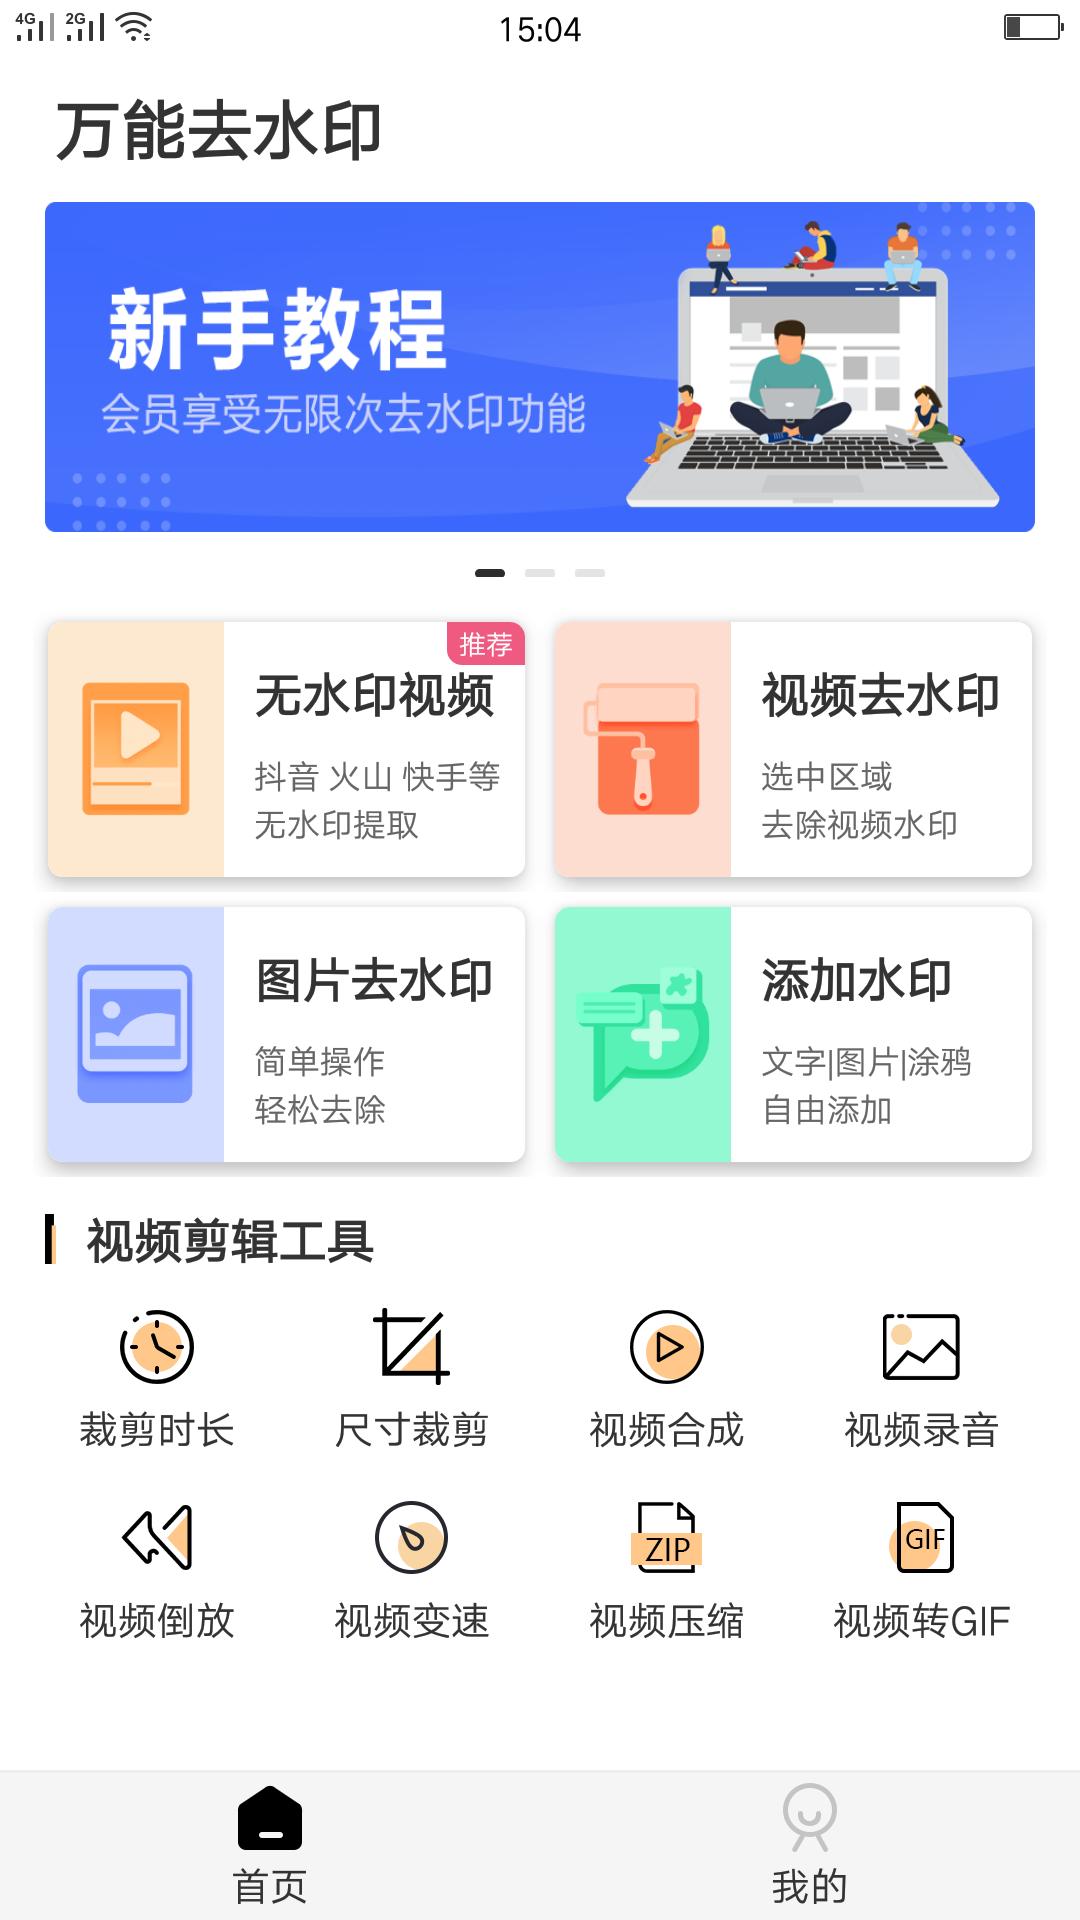 【资源分享】安卓万能去水印(已破解vip) 视频编辑神器!